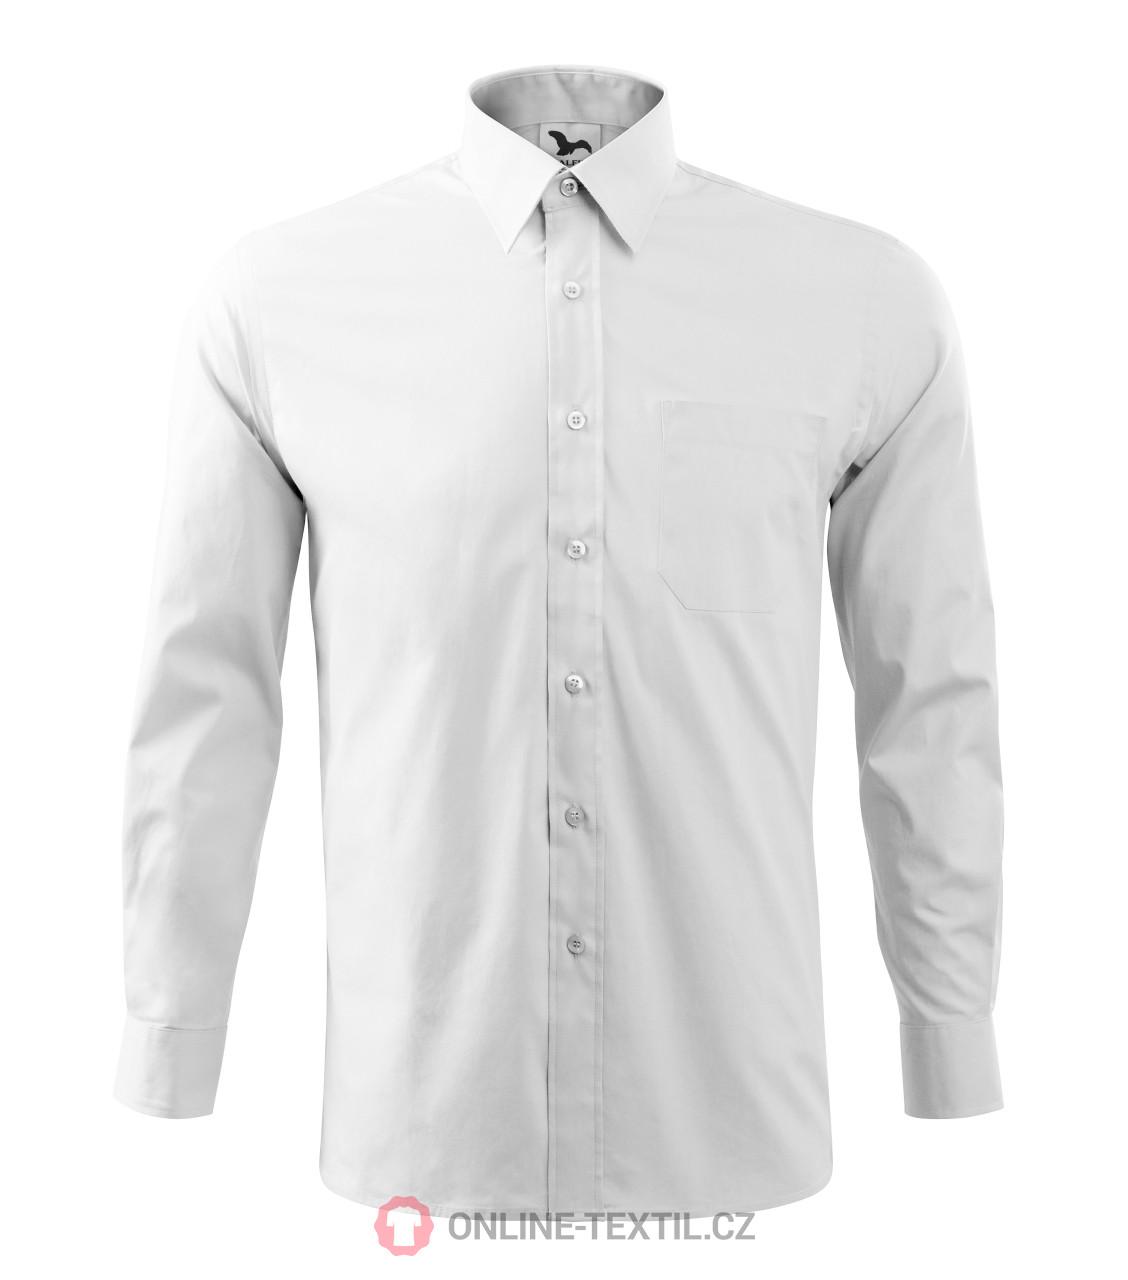 3f188a7f535 ADLER CZECH Pánská košile Style LS s dlouhým rukávem 209 - bílá z ...